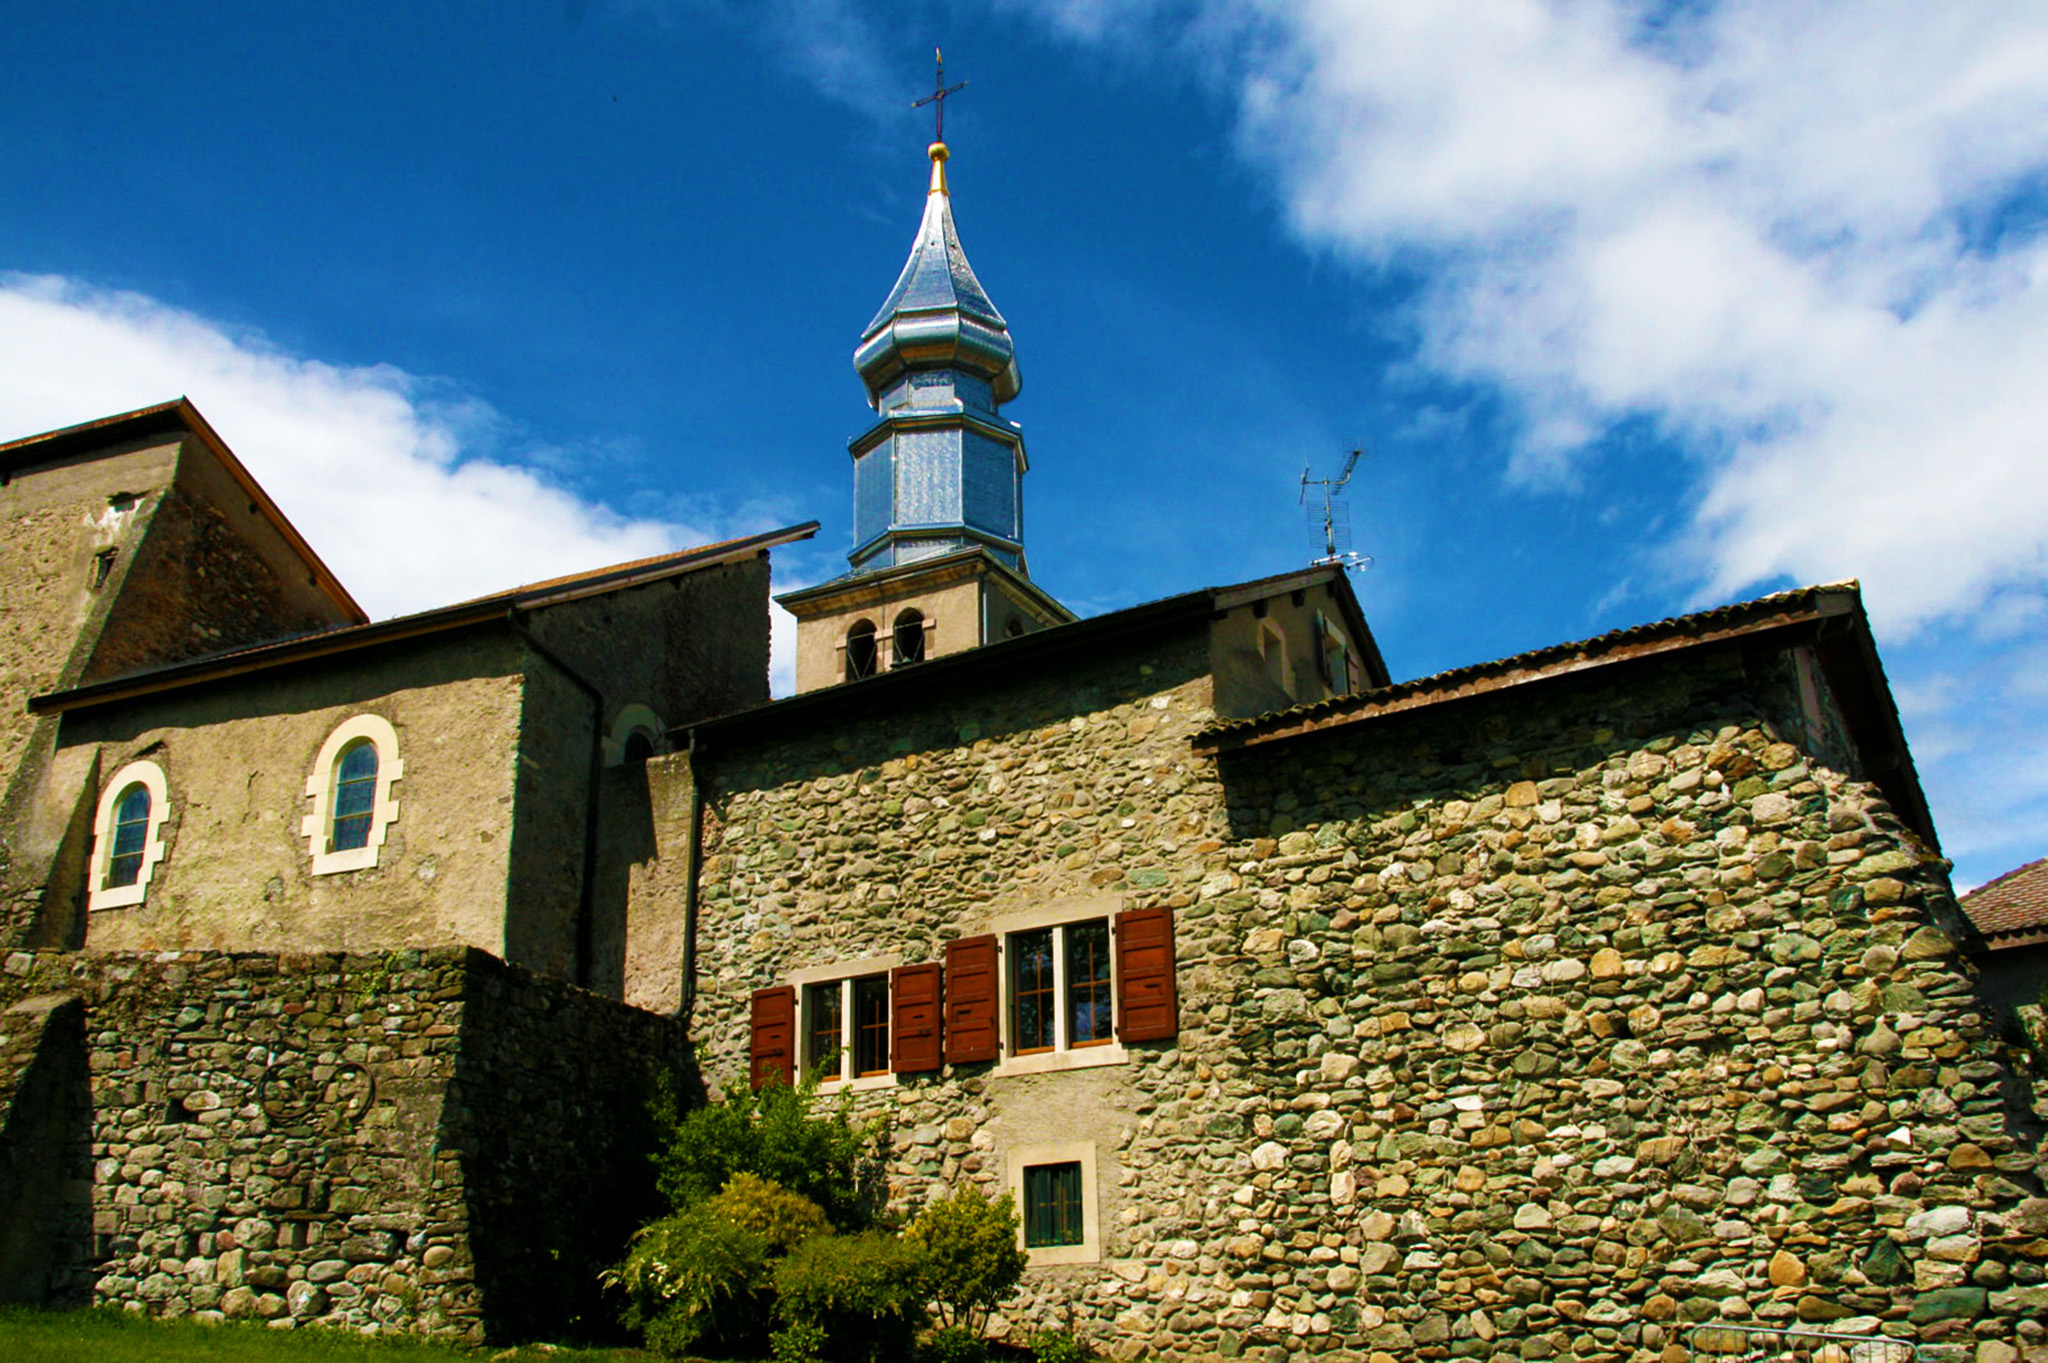 kt_2020_380_Keytours_excursions_Swisstours_yvoire_Saint_Pancras_church1_2048_10